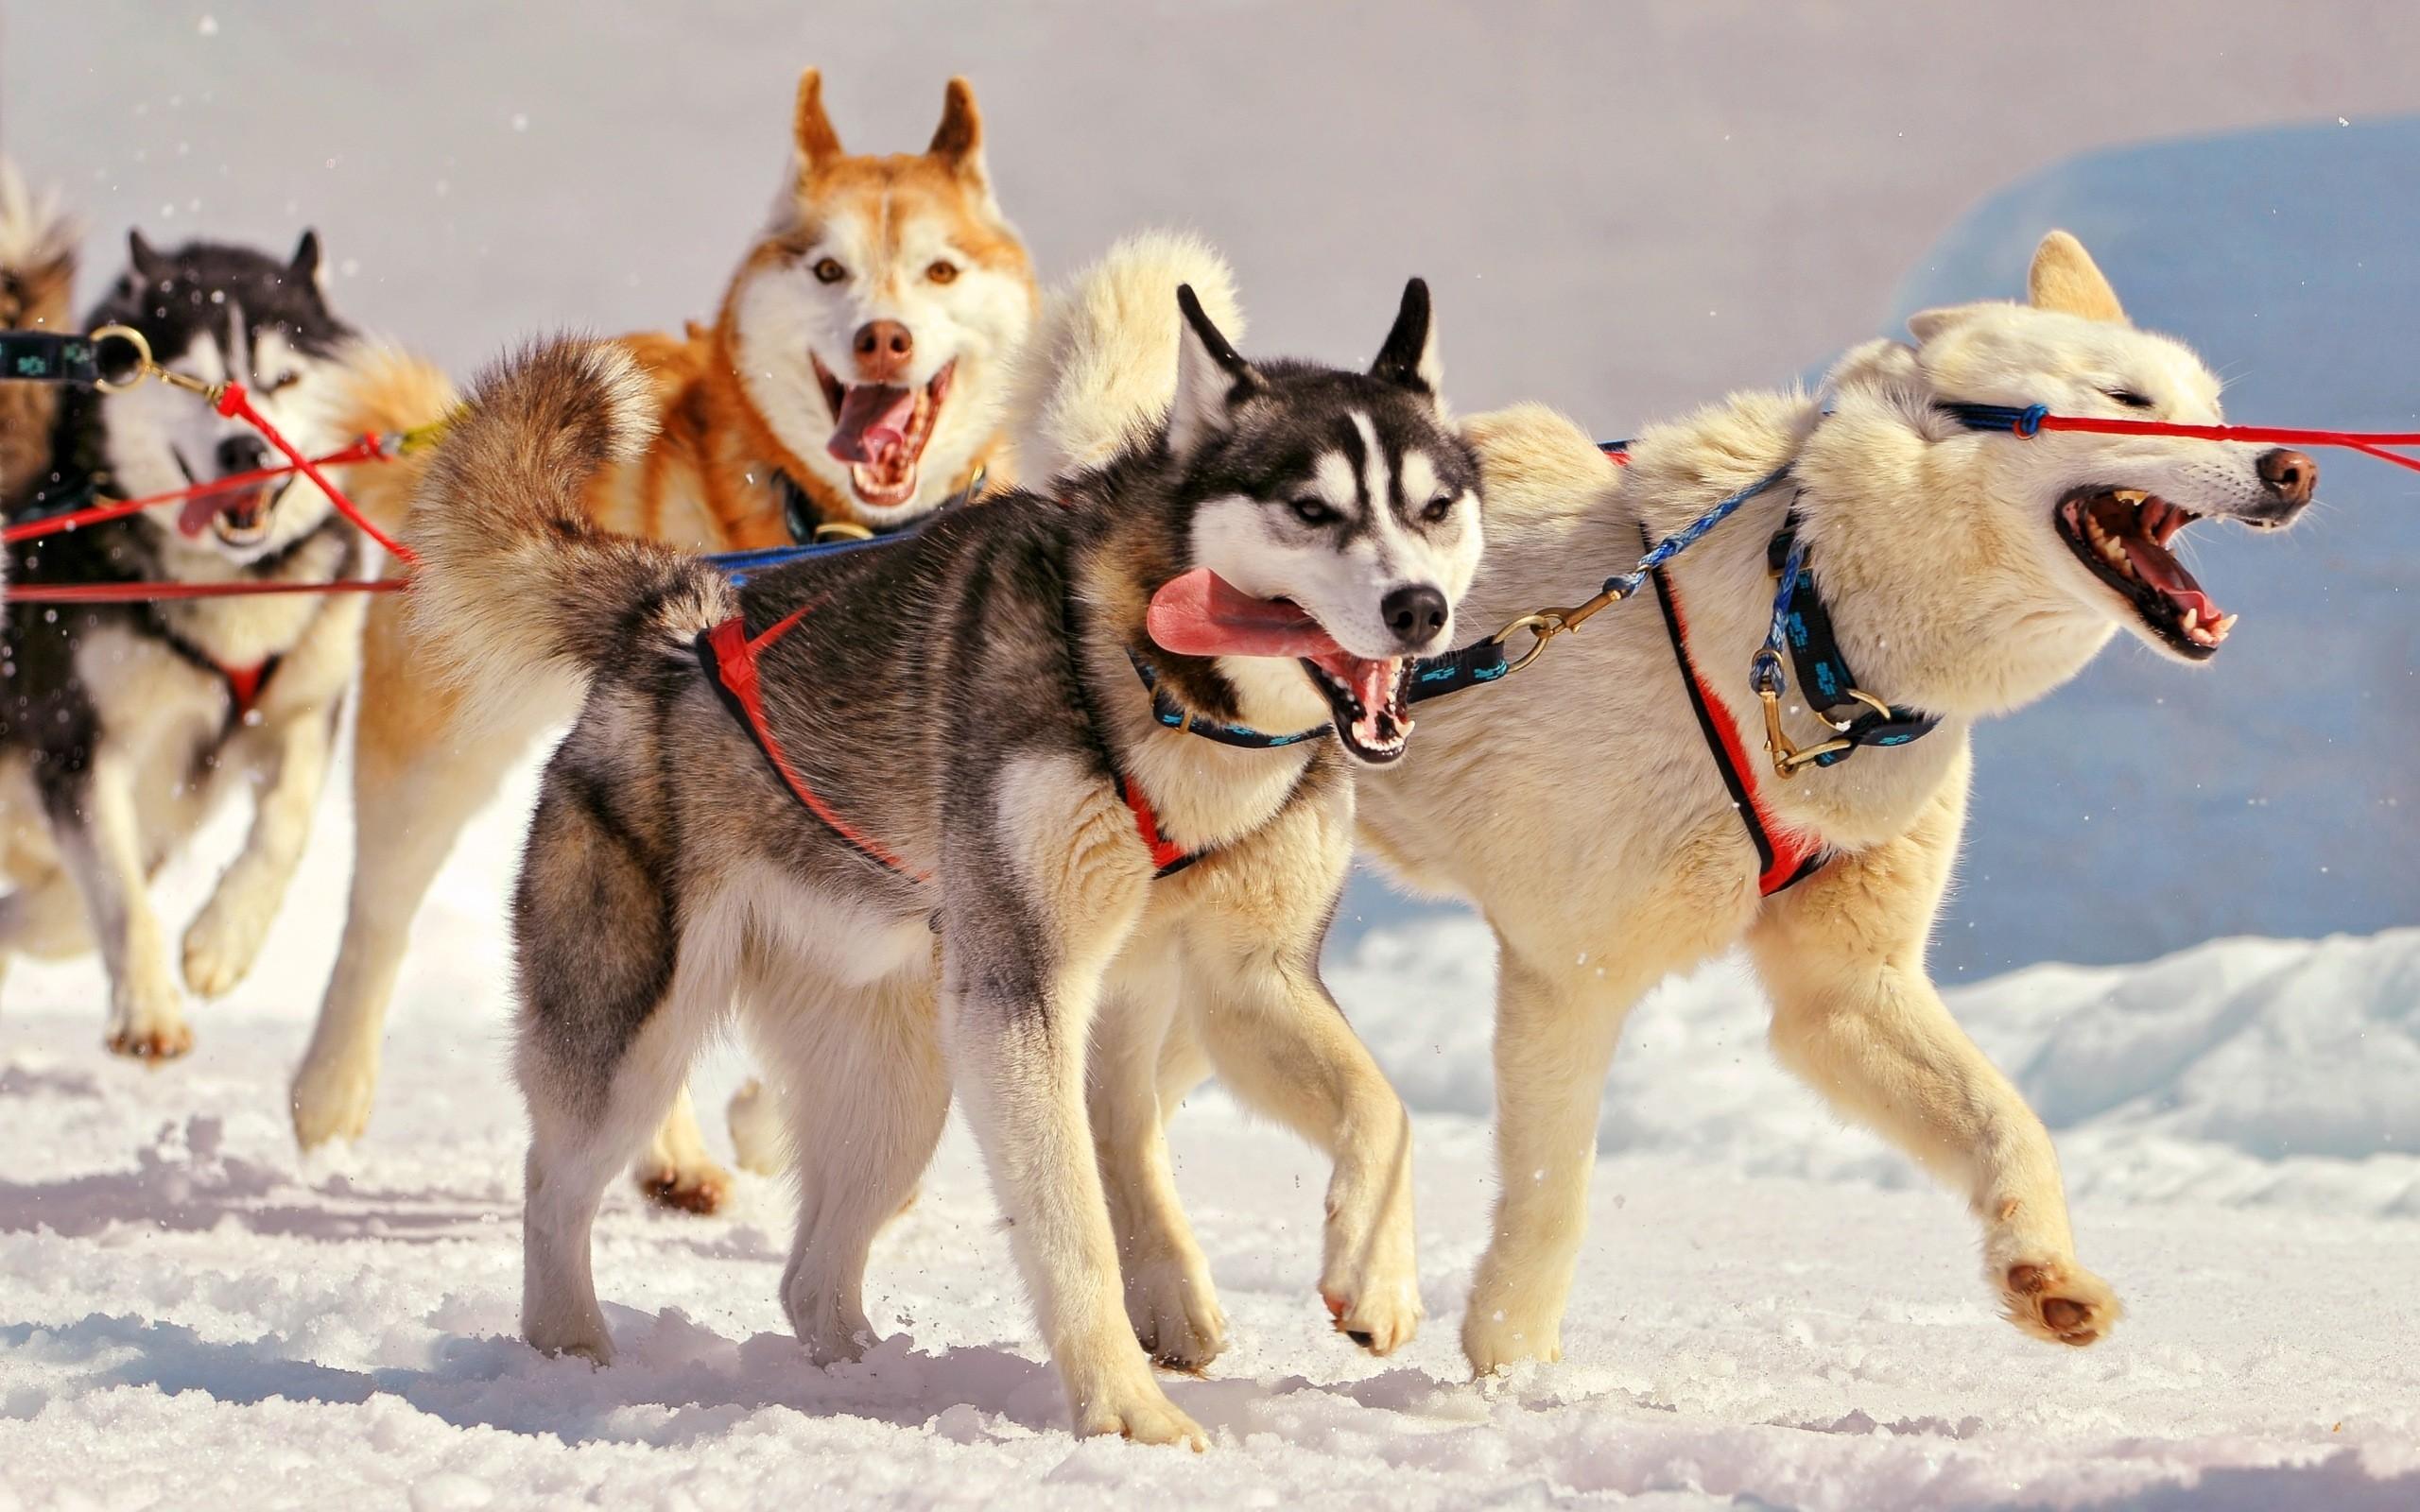 Perros en la nieve - 2560x1600